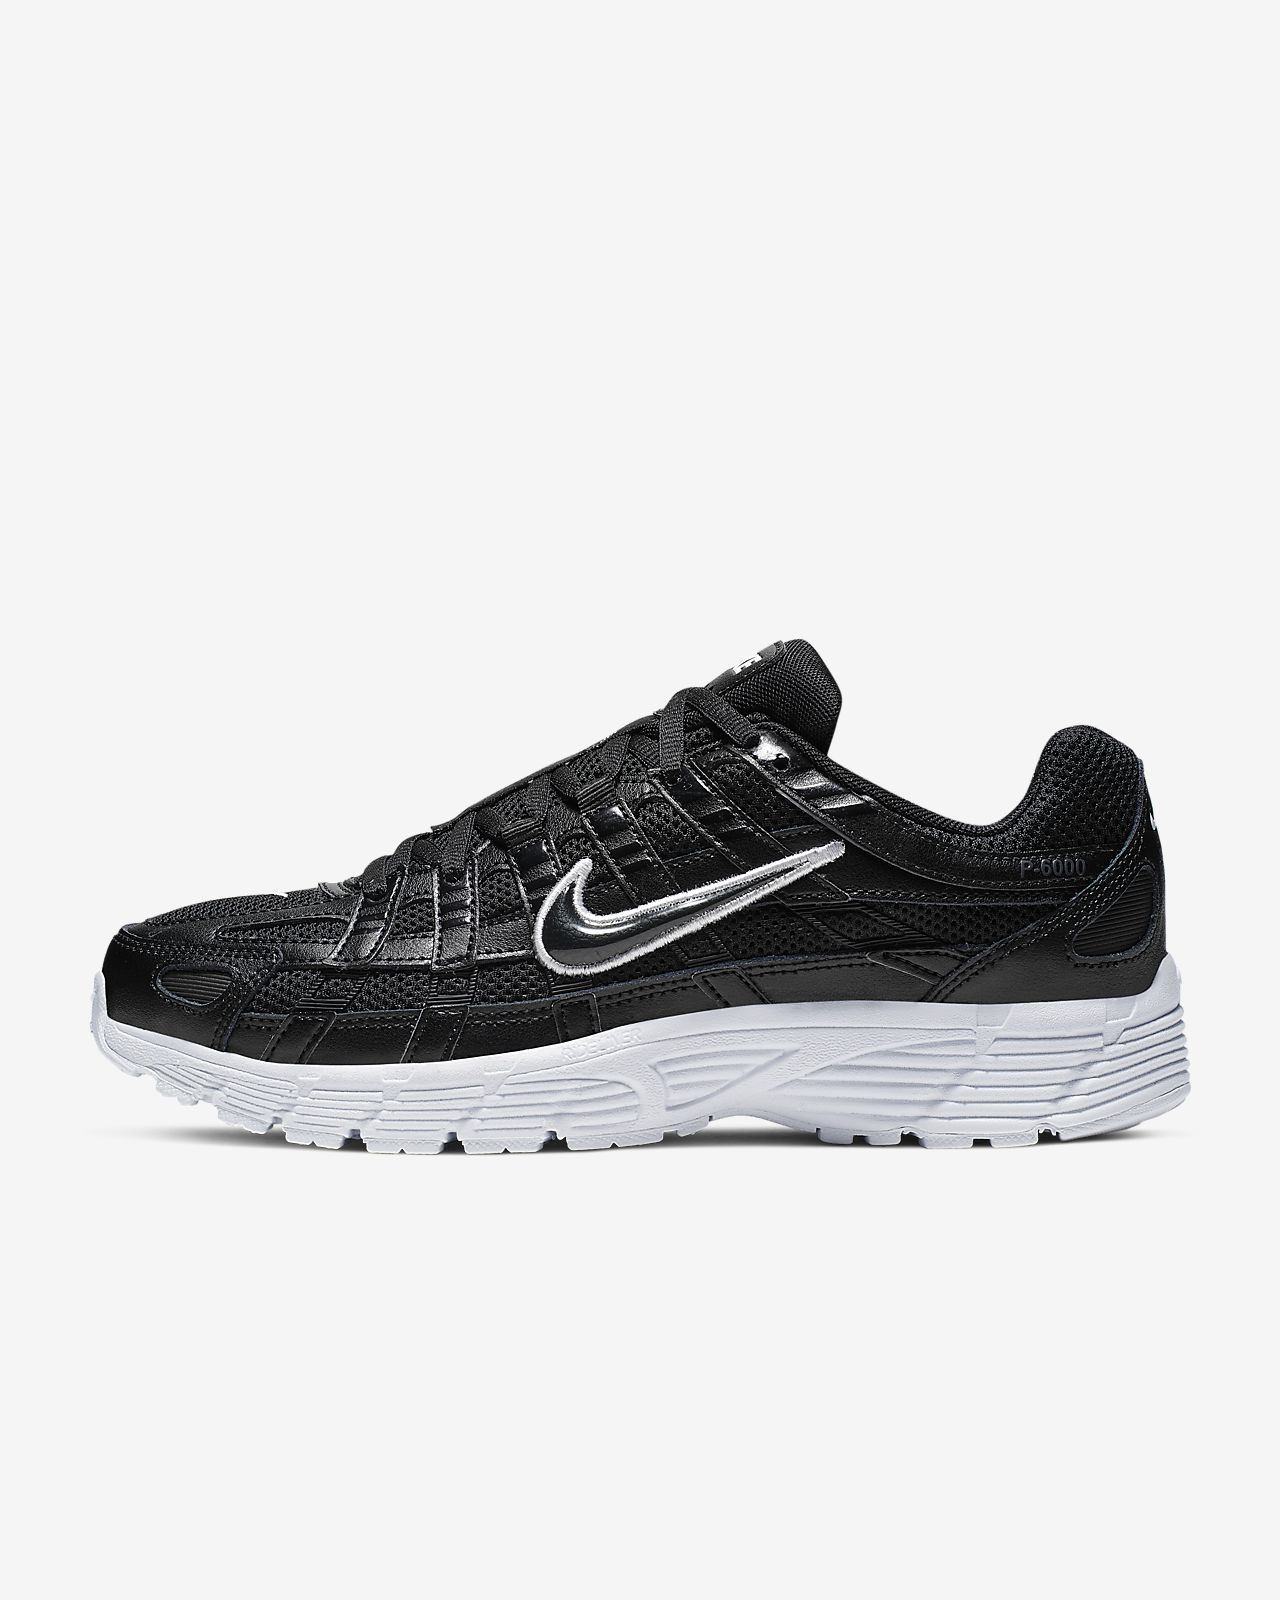 Nike sko & sportstøj » Køb billigt Nike tøj til herre, damer